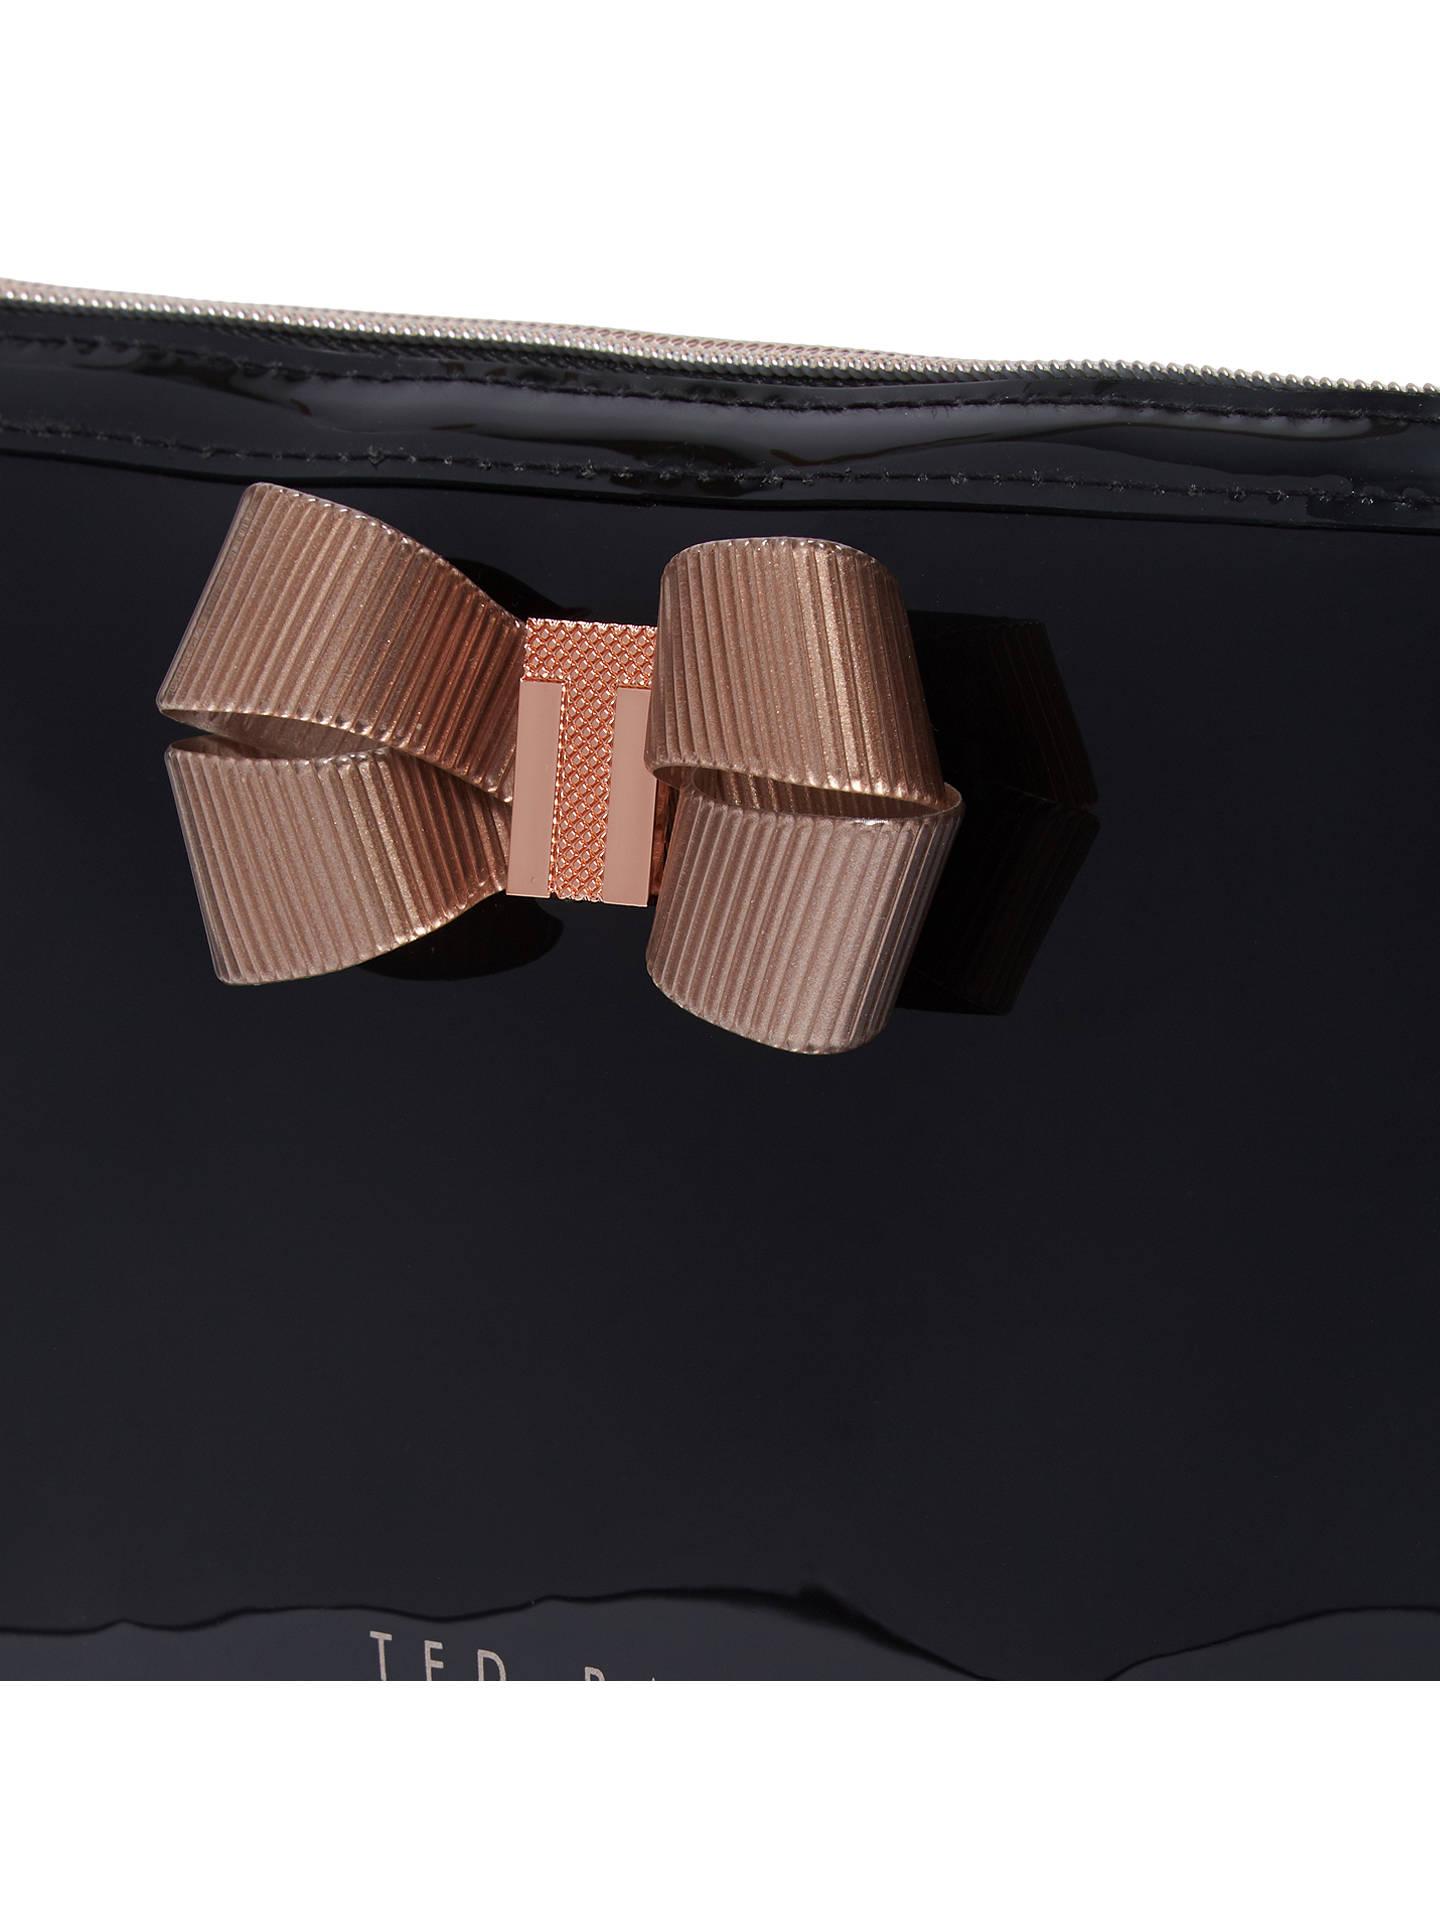 69e98bef3b ... Buy Ted Baker Libbert Wash Bag, Black Online at johnlewis.com ...